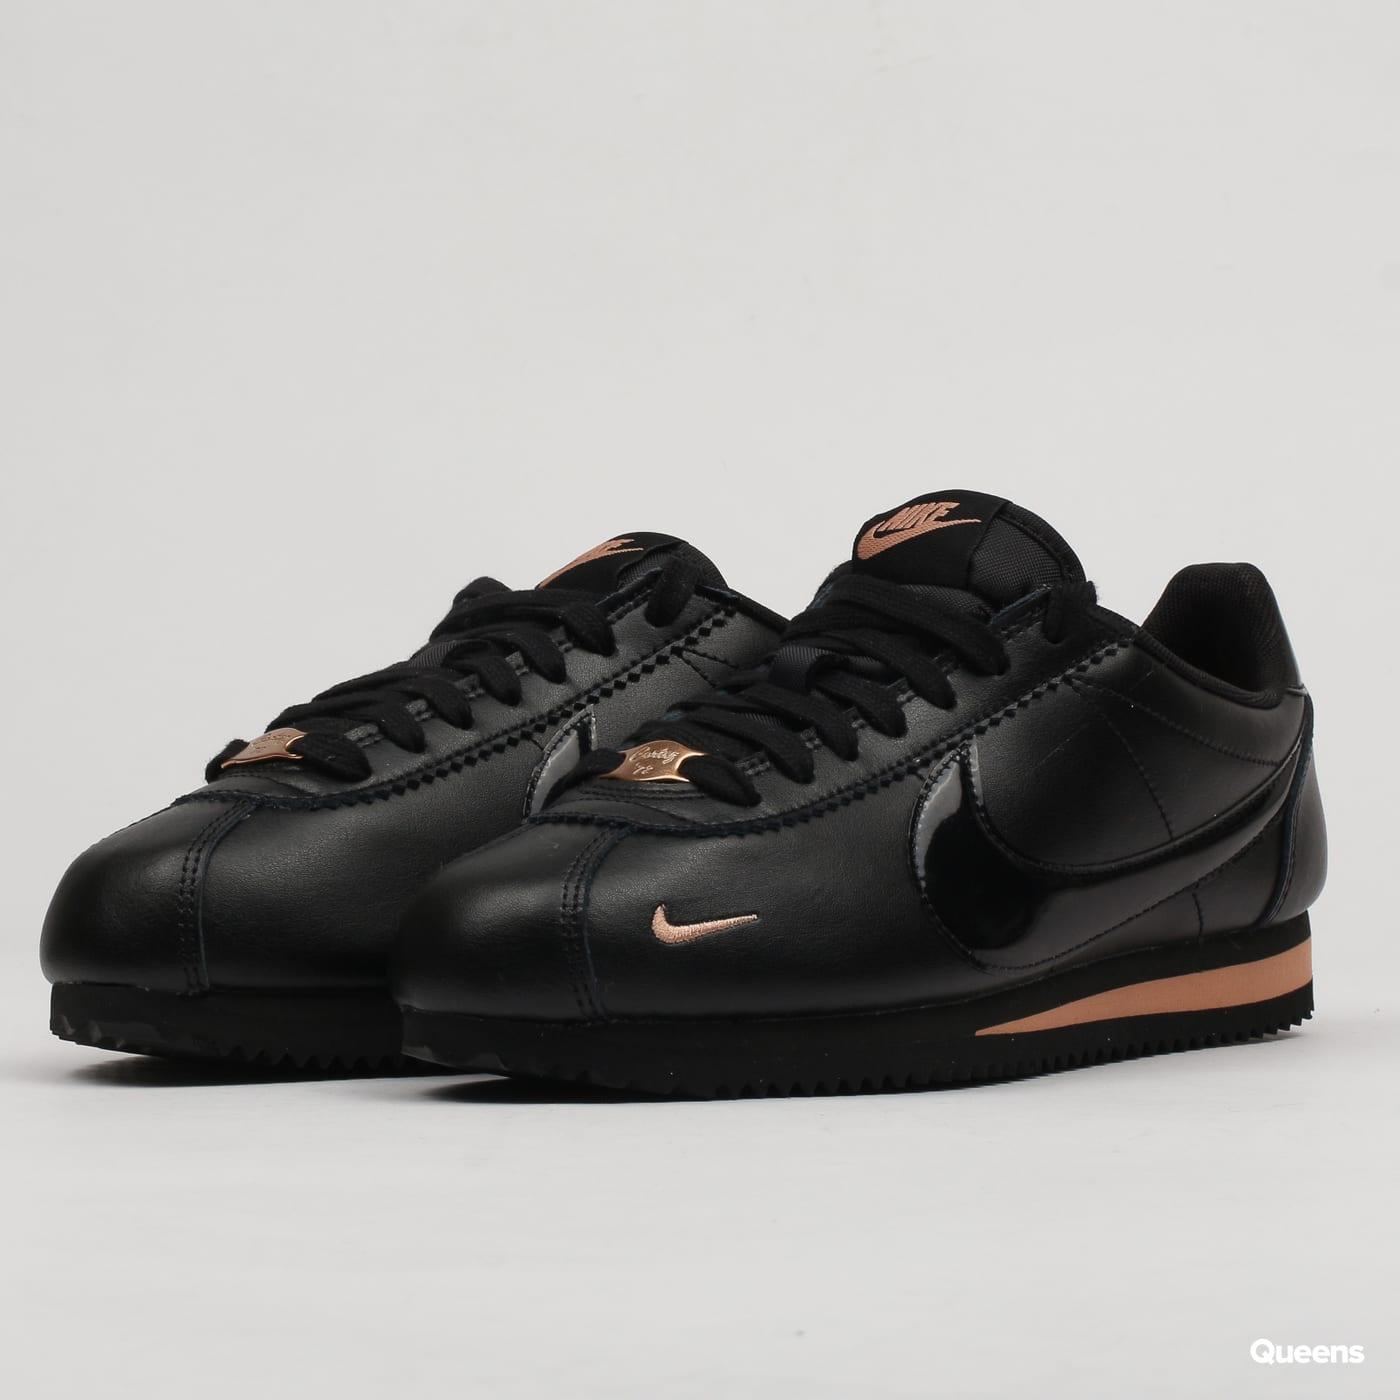 Nike WMNS Classic Cortez Premium (905614-010)– Queens 💚 b69c1c326